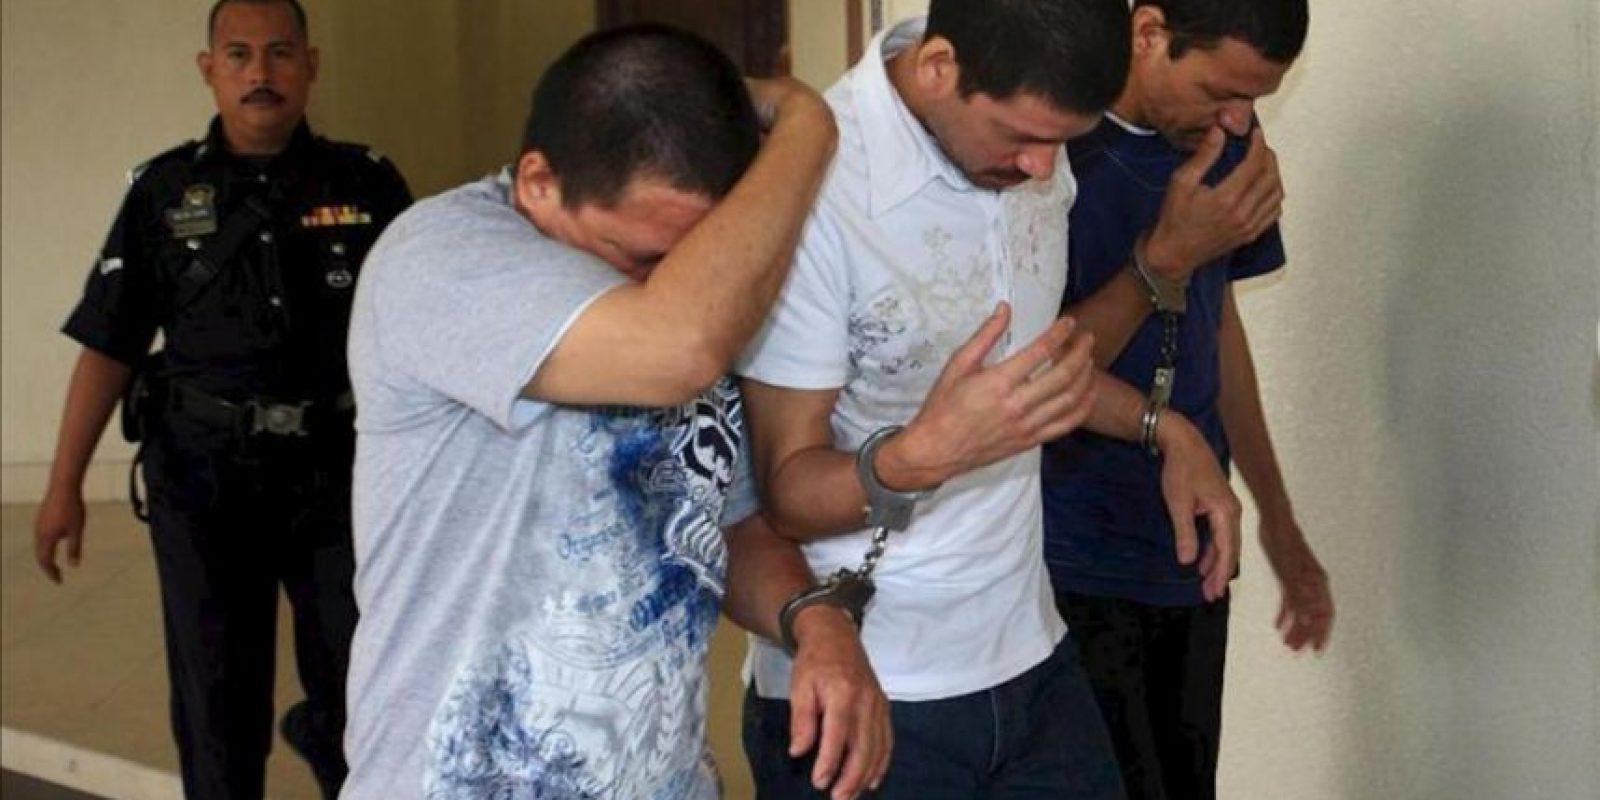 Un policía malayo escolta a los hermanos mexicanos Luis Alfonso González Villareal (i), Simón González Villareal (c) y José Regino González Villareal (d) a su llegada este, lunes 26 de marzo de 2012, a un juzgado después de un receso en Kuala Lumpur (Malasia). EFE